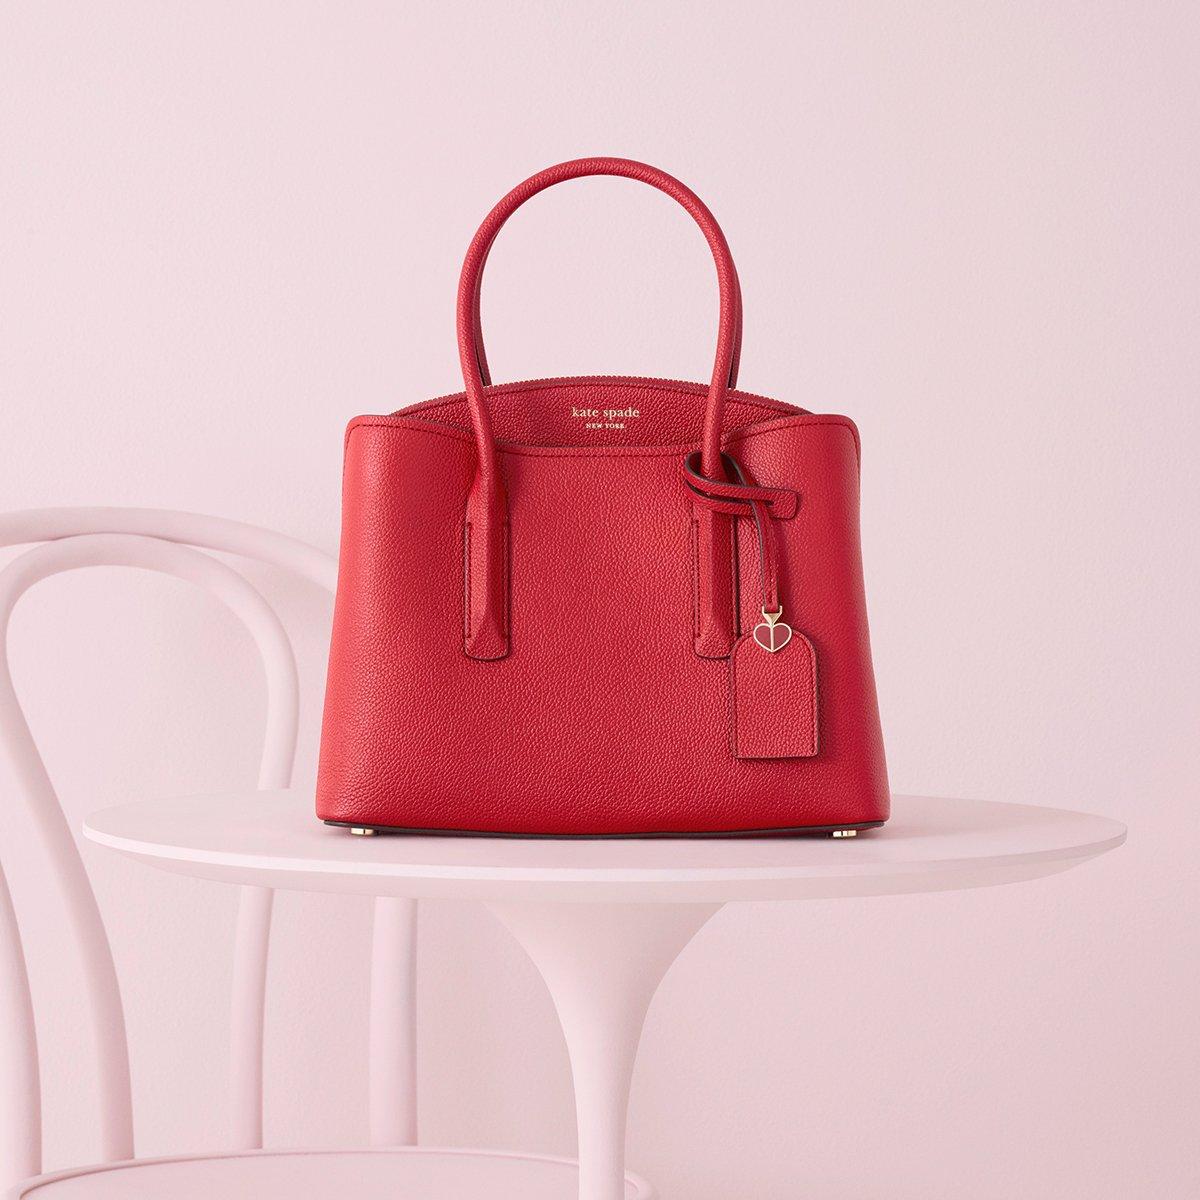 """毎日のパートナー margaux satchelに""""フレッシュな""""新色が登場。間仕切りのある機能的なデザインと柔らかな質感が魅力的。https://t.co/J3Z40X6uWW https://t.co/B9ufMzNp5R"""